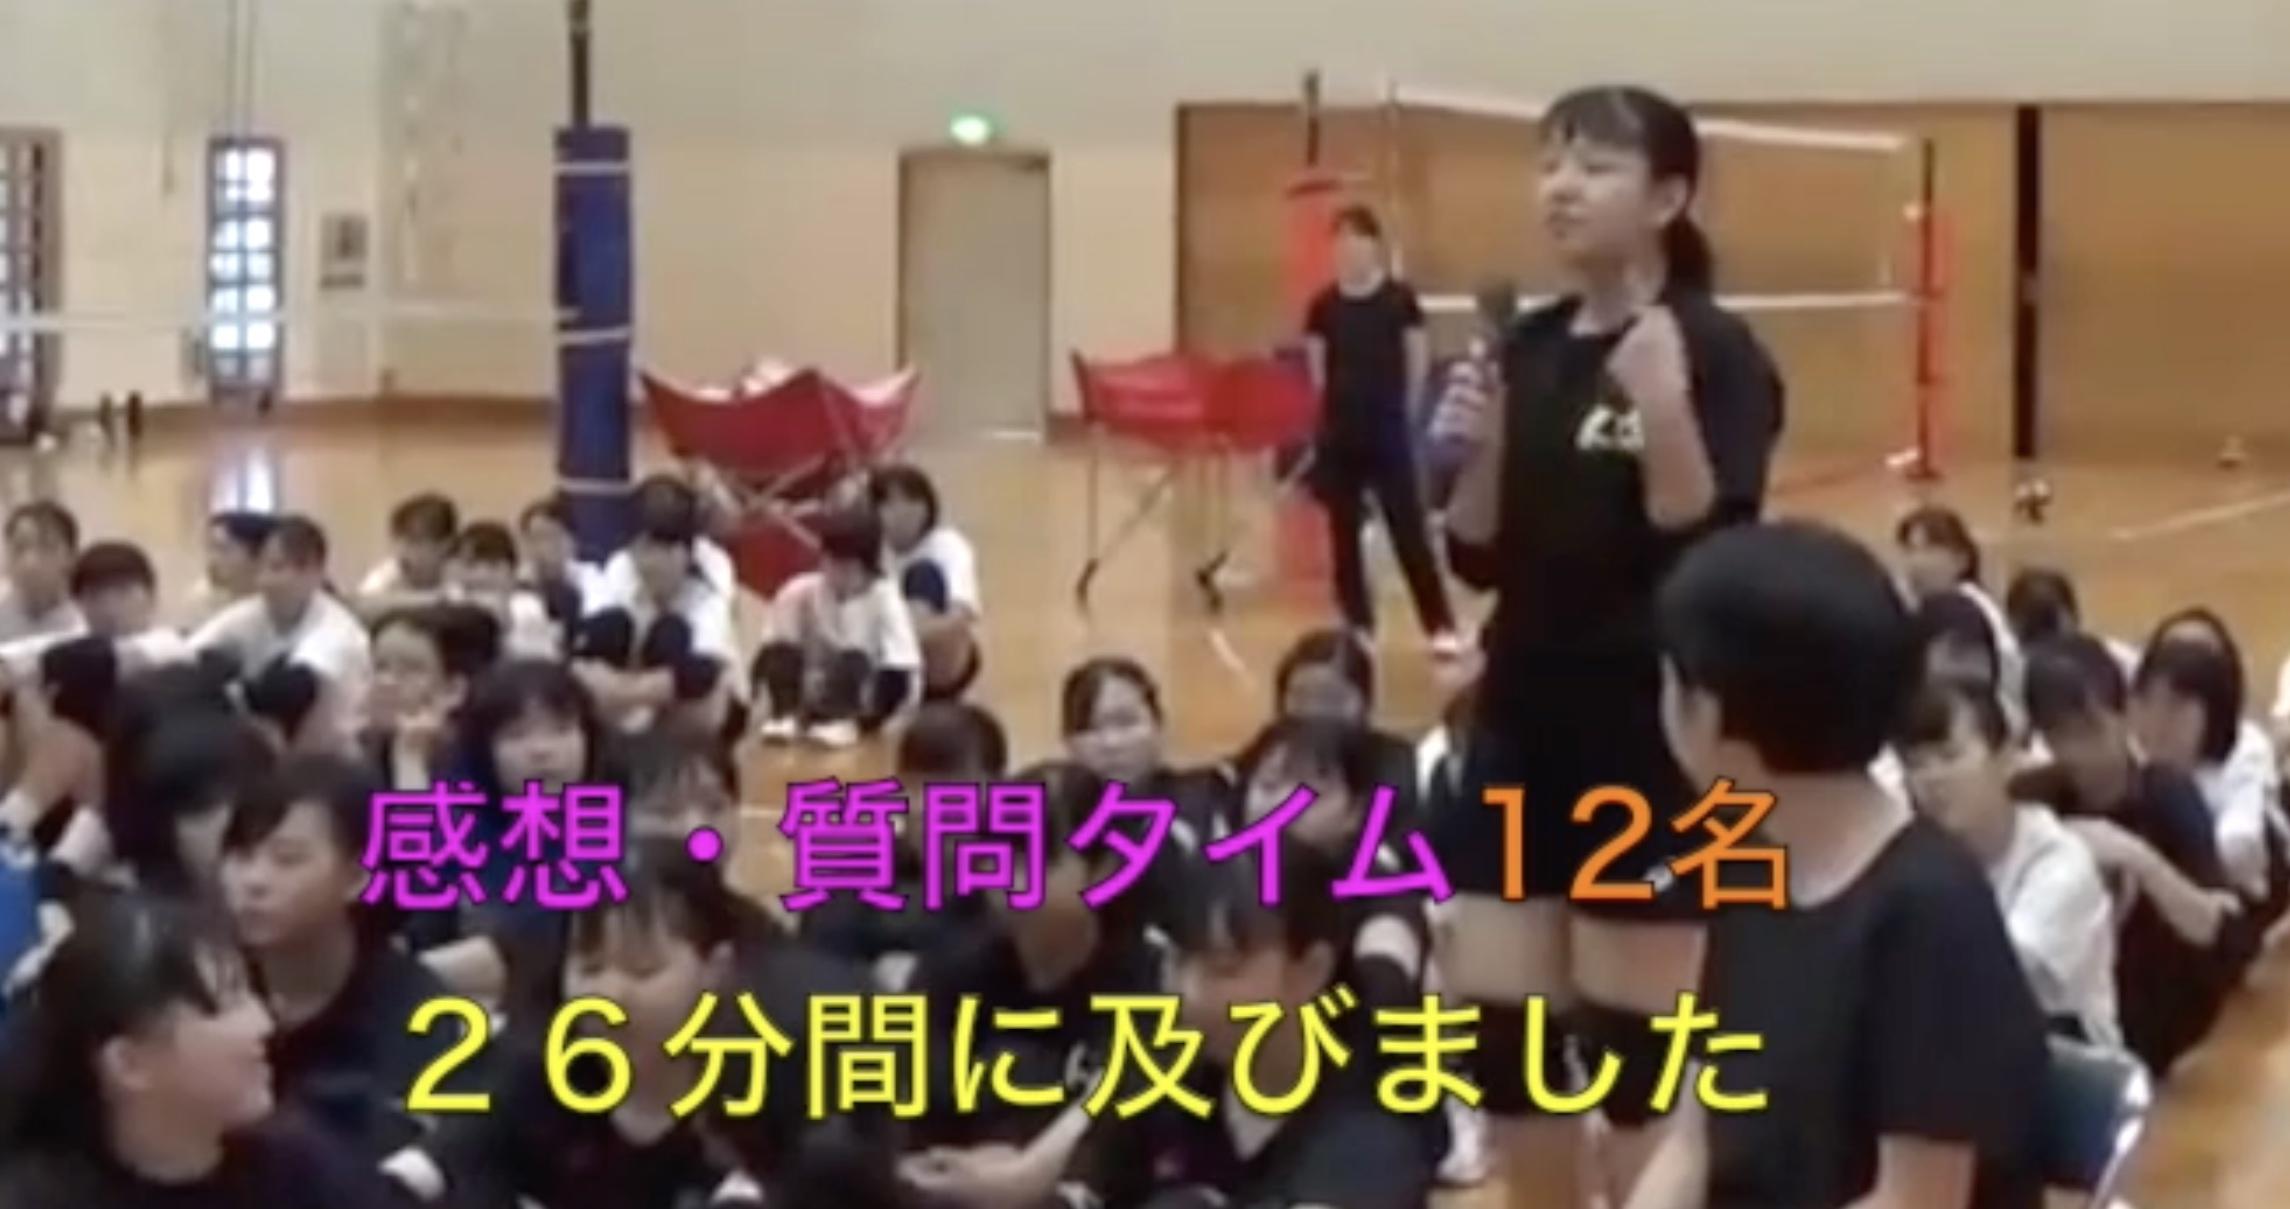 第2946話・・・バレー塾in 静岡(20)_c0000970_10534254.jpg